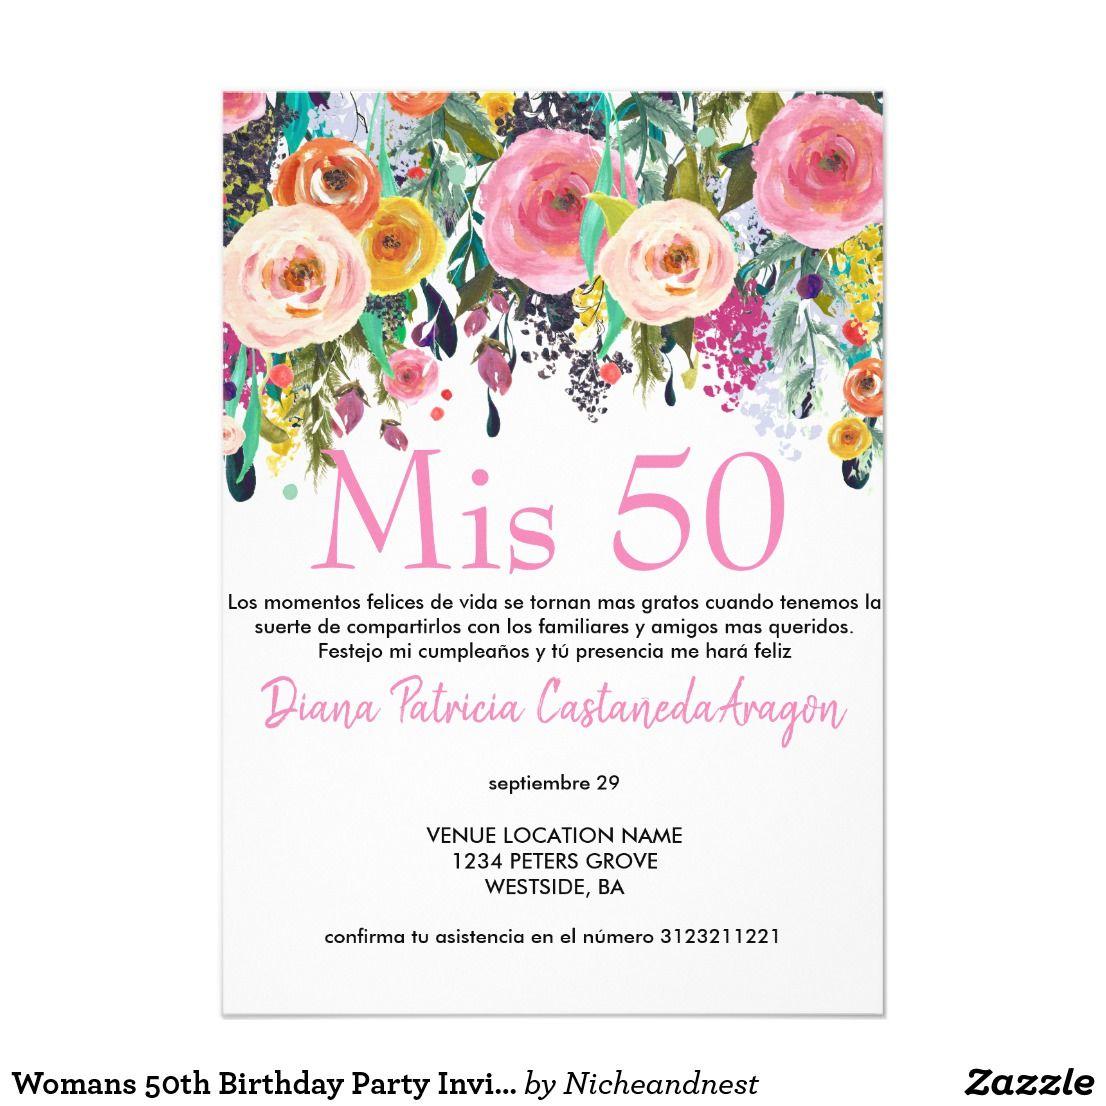 Invitación La 50 A Fiesta Del Cumpleaños De La Mujer Invita